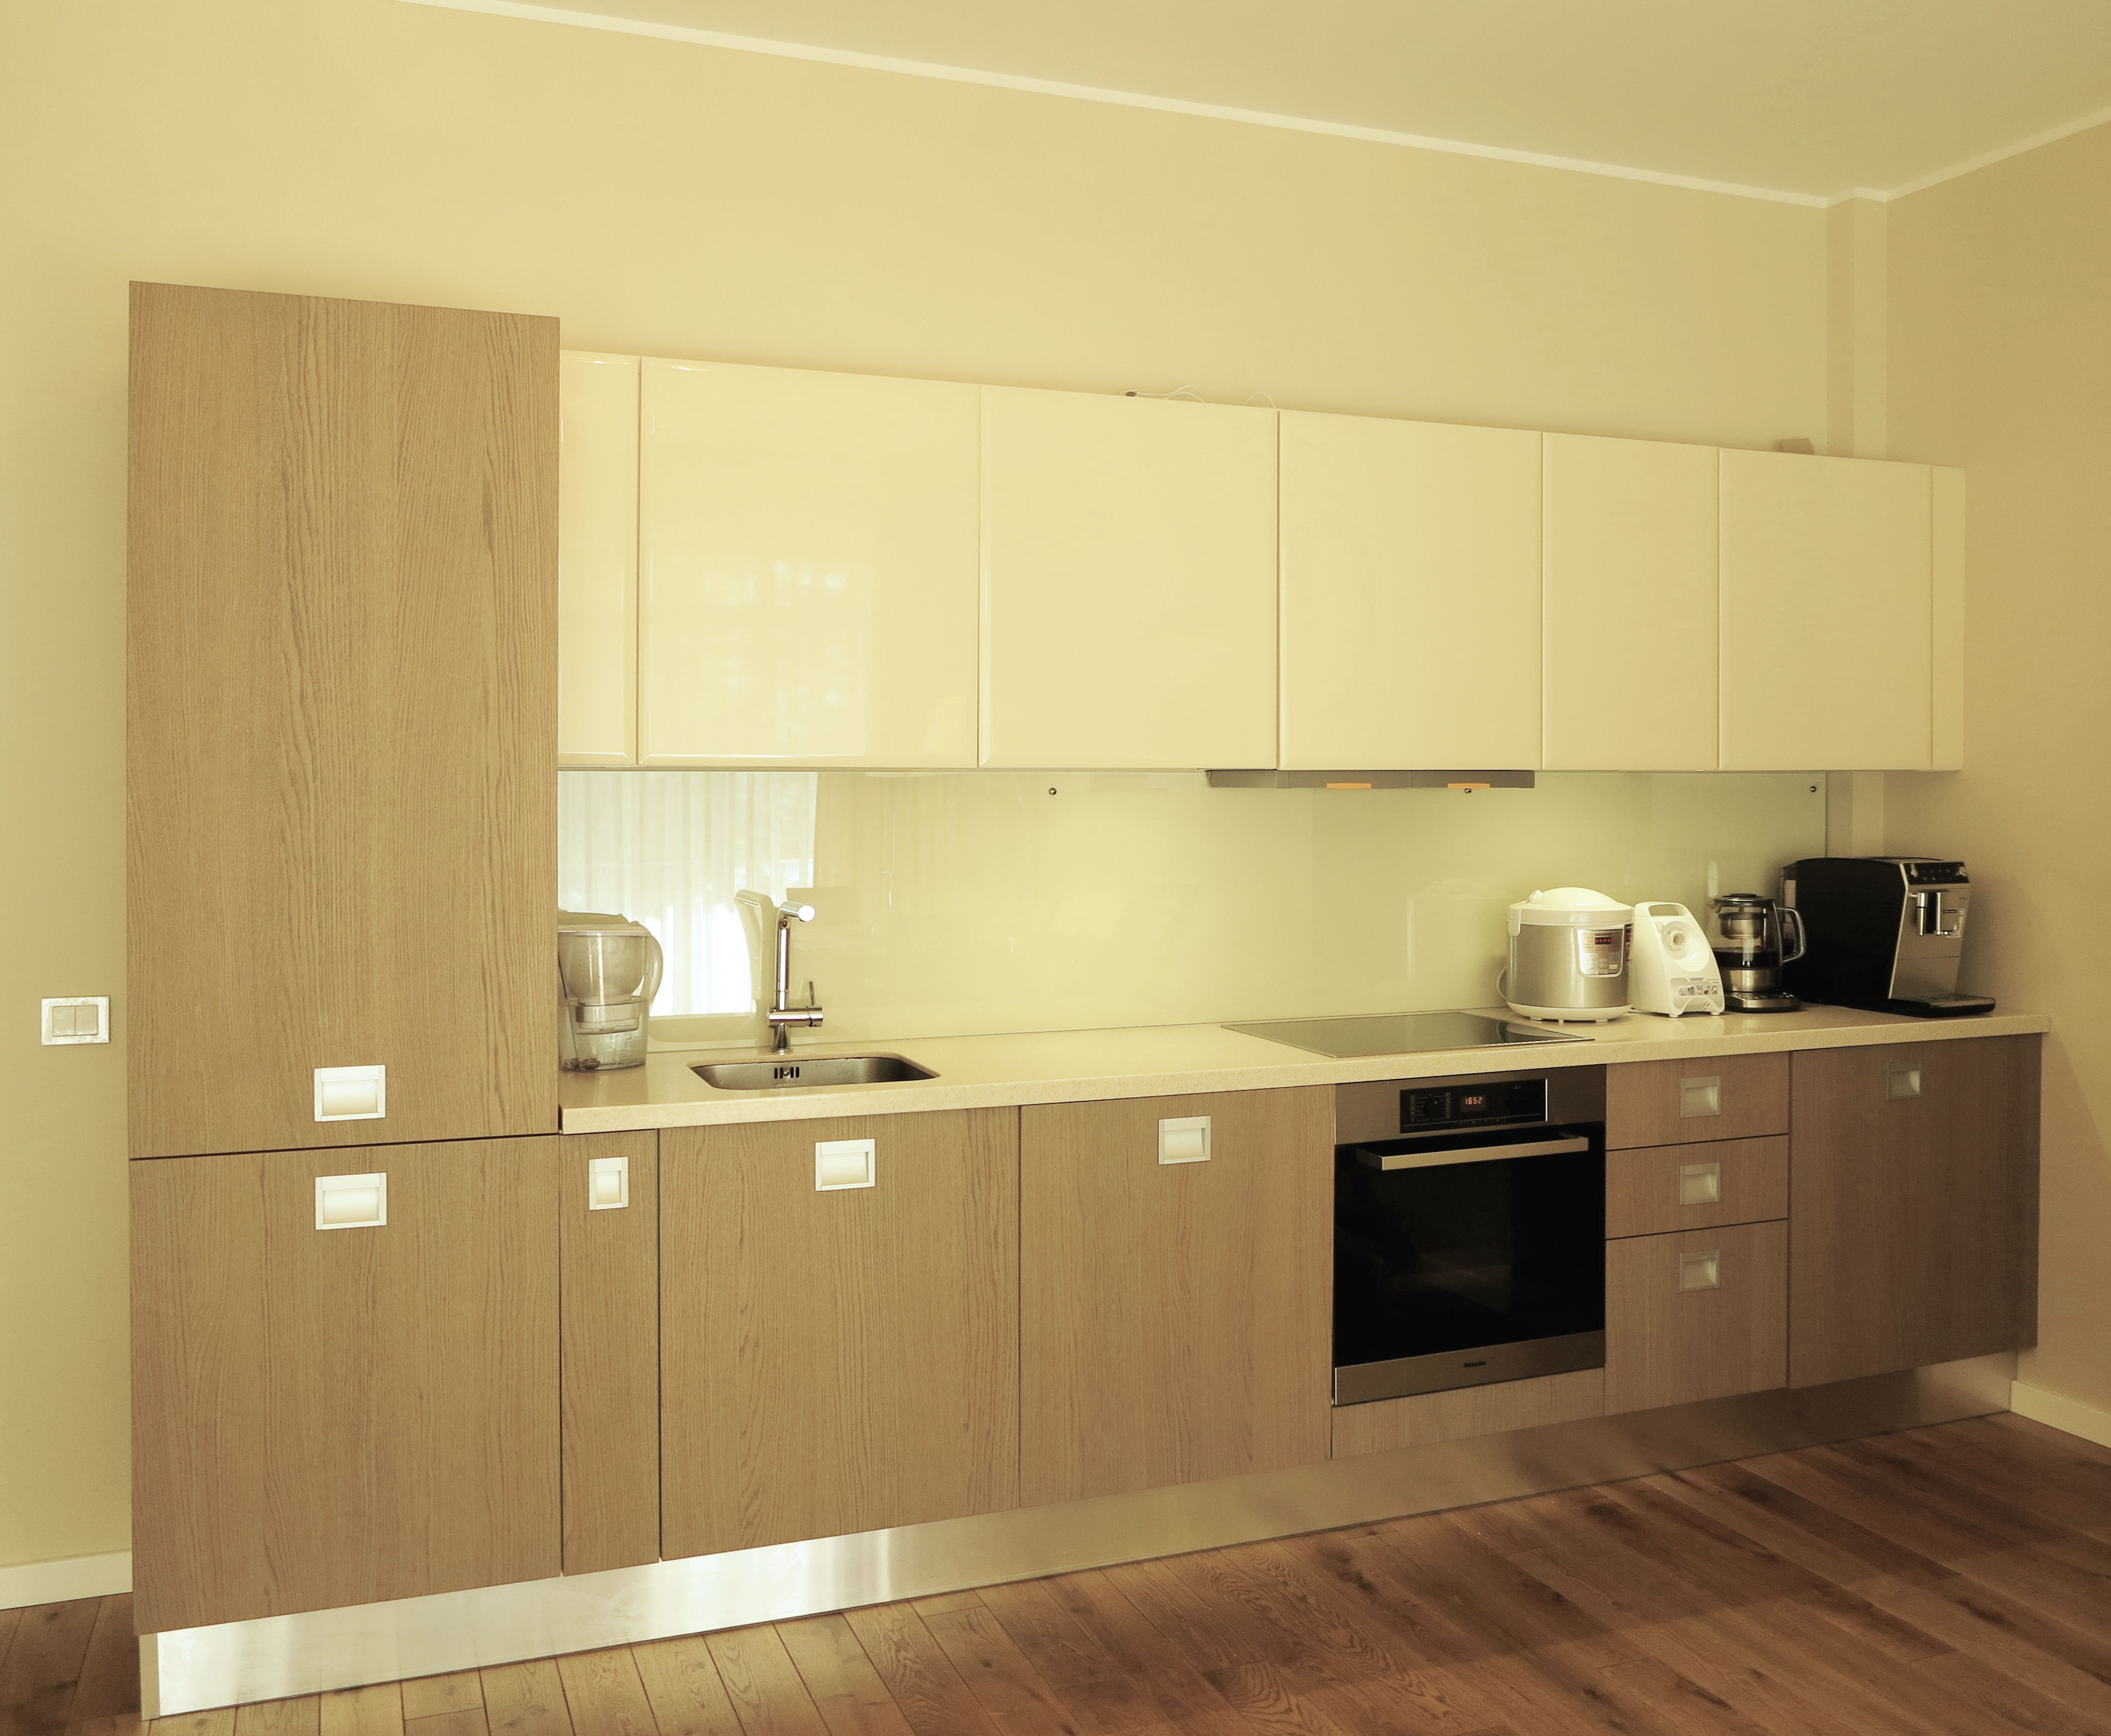 гостиная-кухня-столовая вид 5 обработка